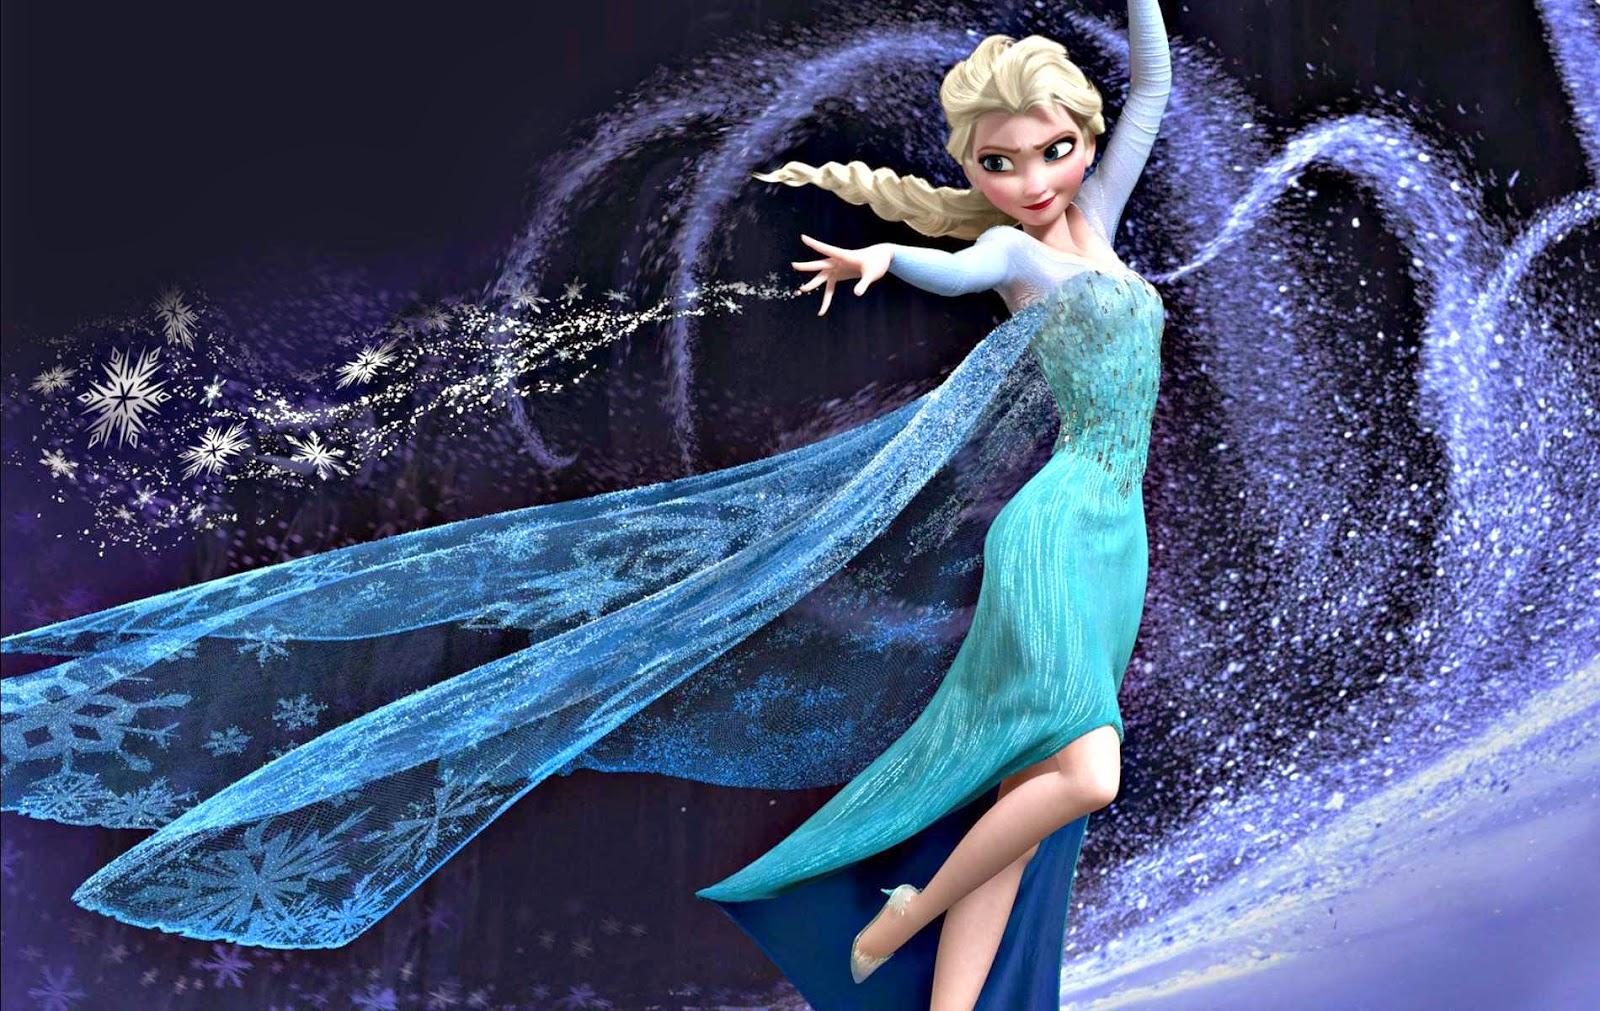 Princess Quotes Wallpaper أجمل الخلفيات لفيلم Frozen ملكة الثلج كل يوم صورة ثقافية